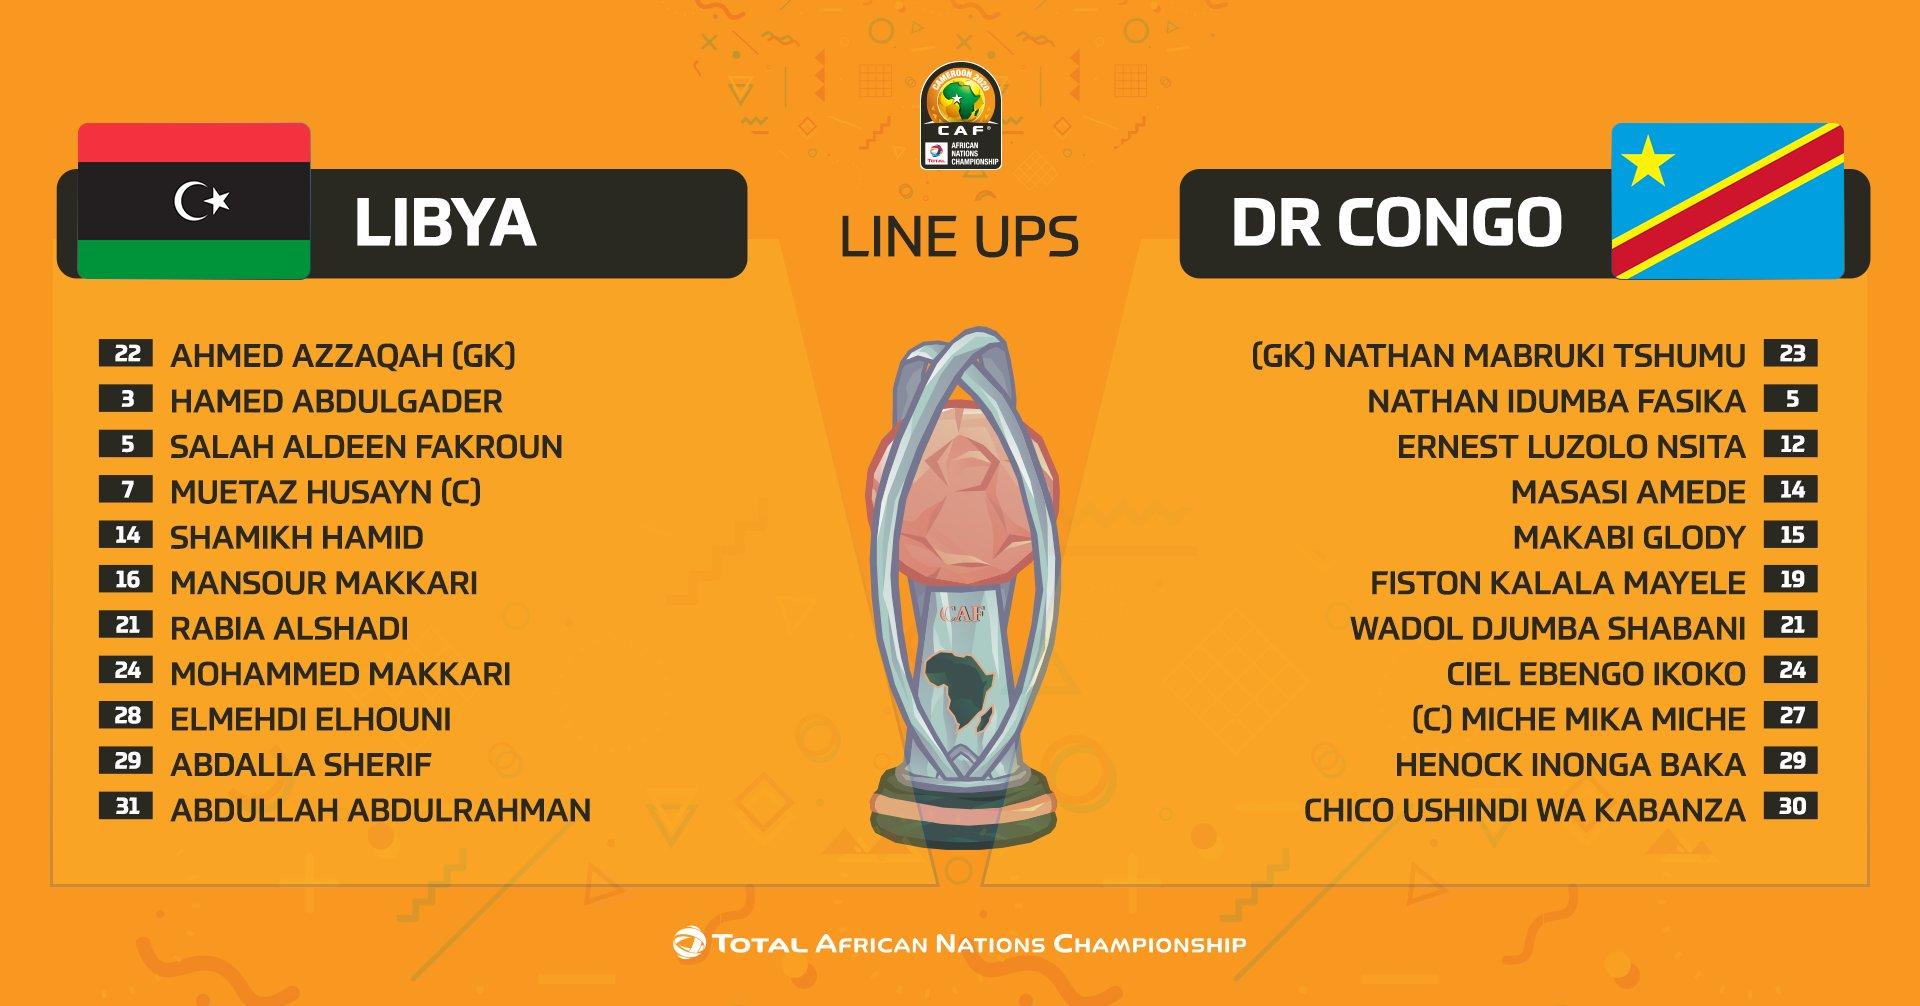 Libye_vs_RDCongo